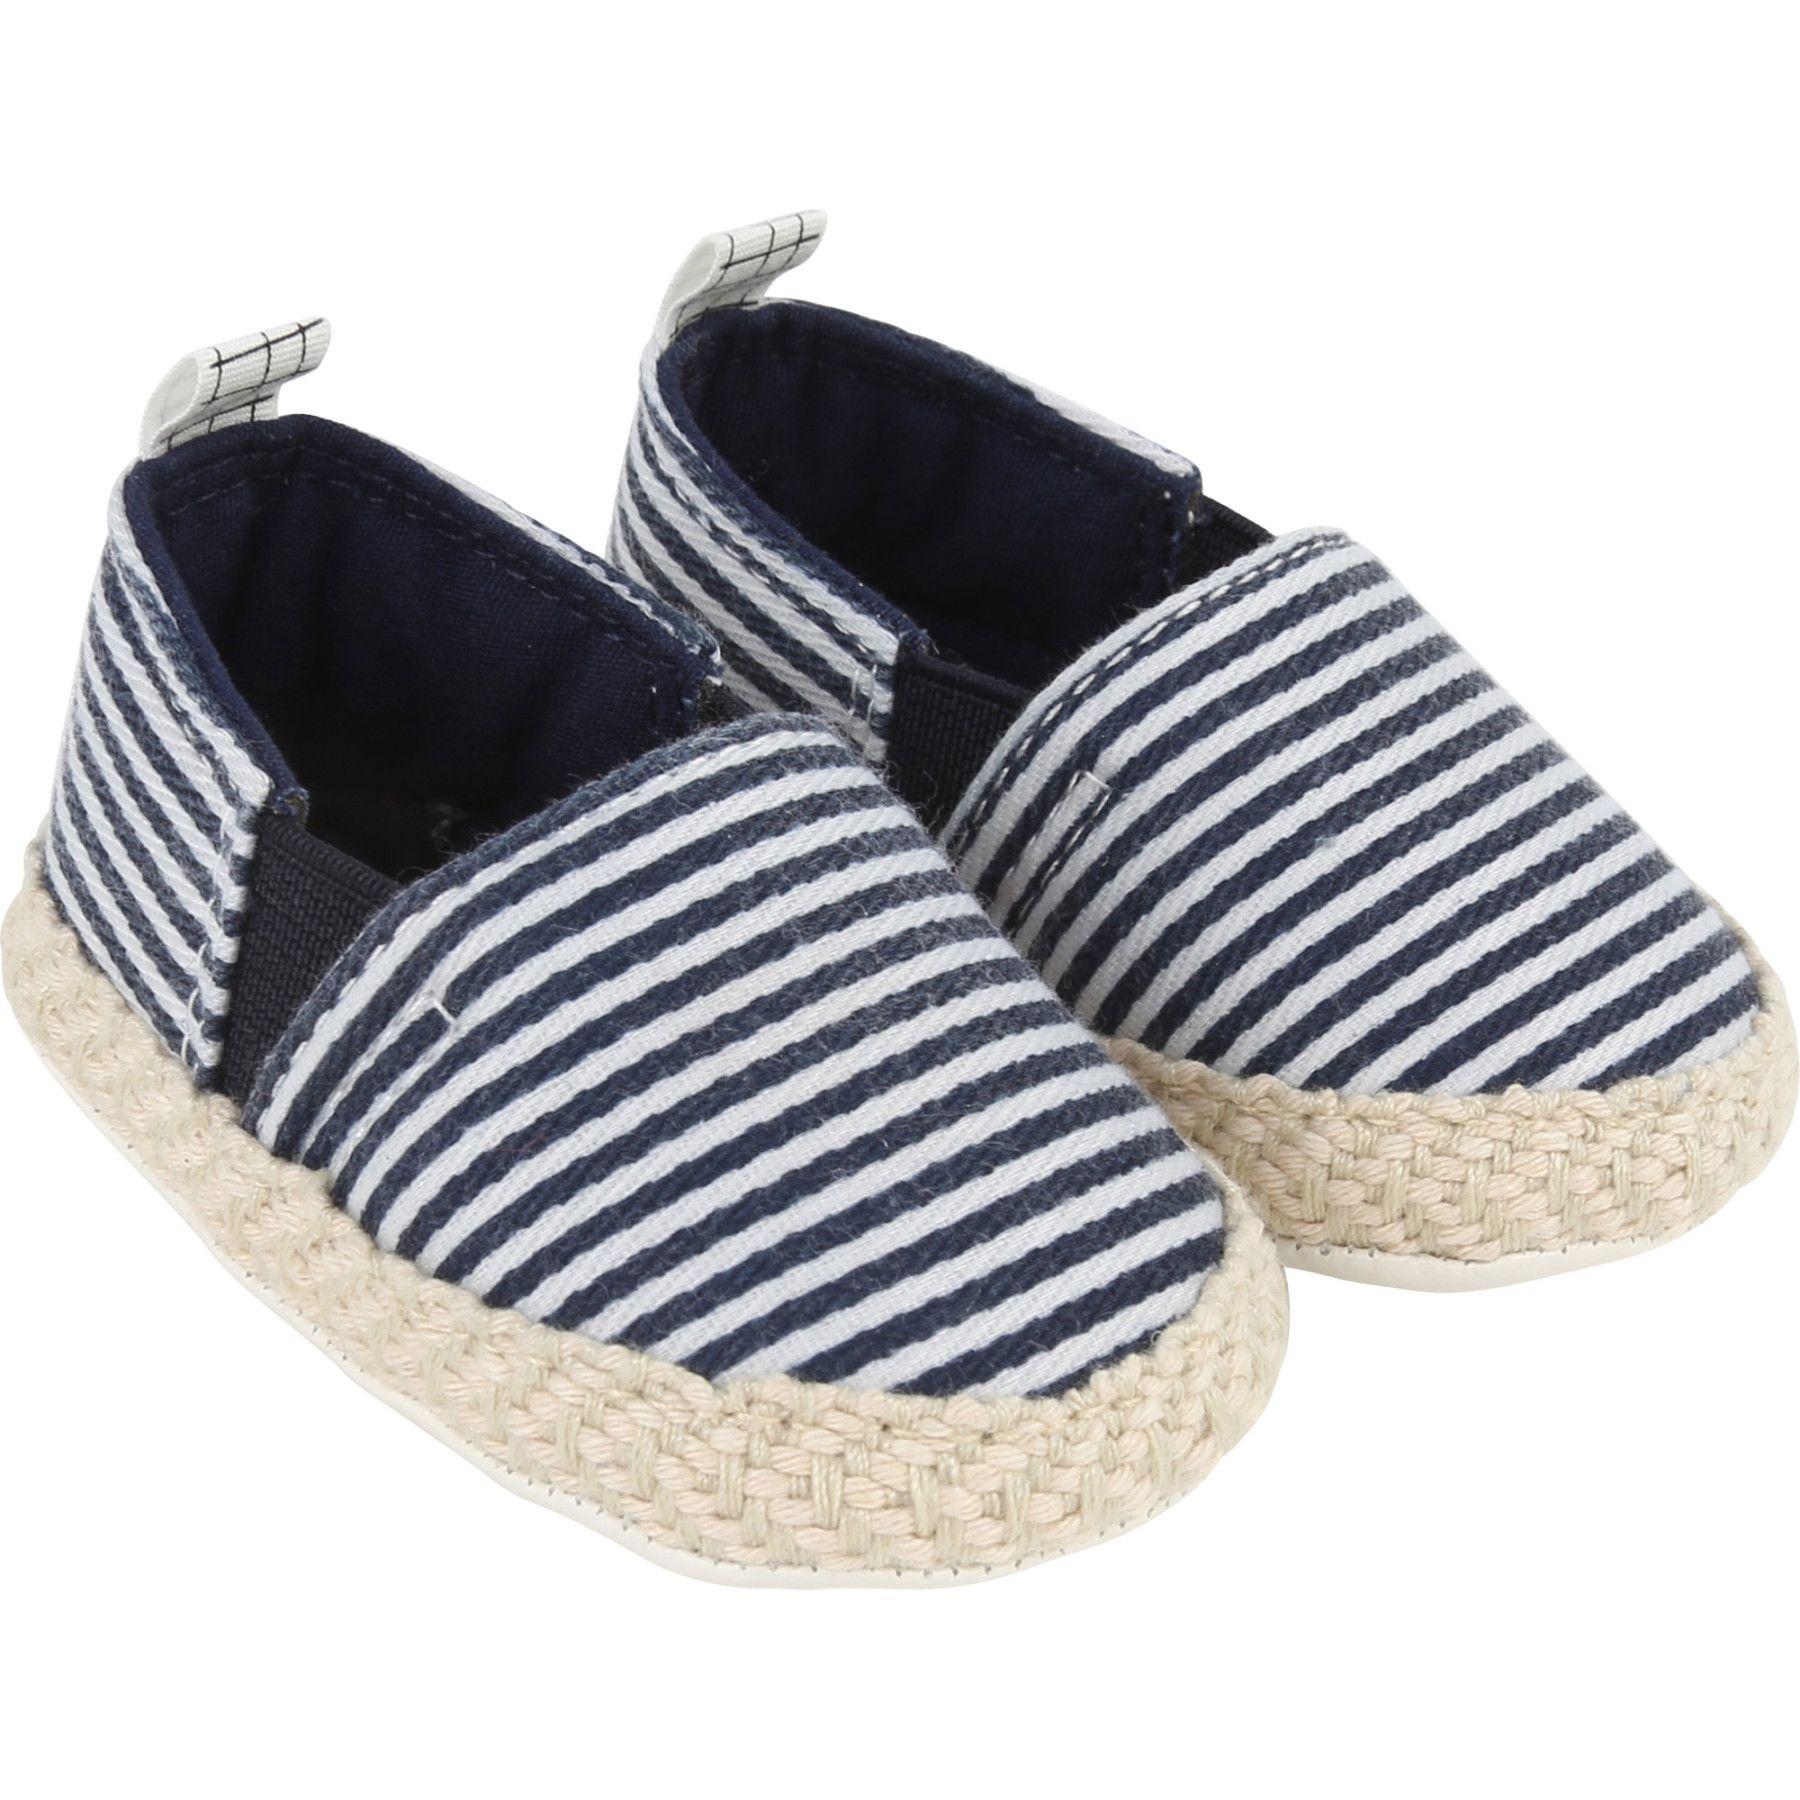 098d94e9dbe91 Bébé Chaussures et accessoires   Espadrilles rayées   CARREMENT BEAU    GARCON Kids around